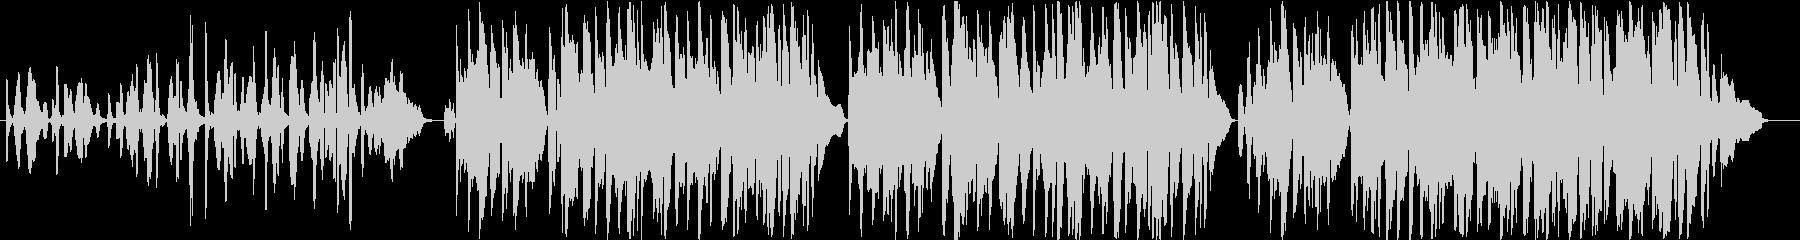 フランス・感傷的なアコーディオンのワルツの未再生の波形